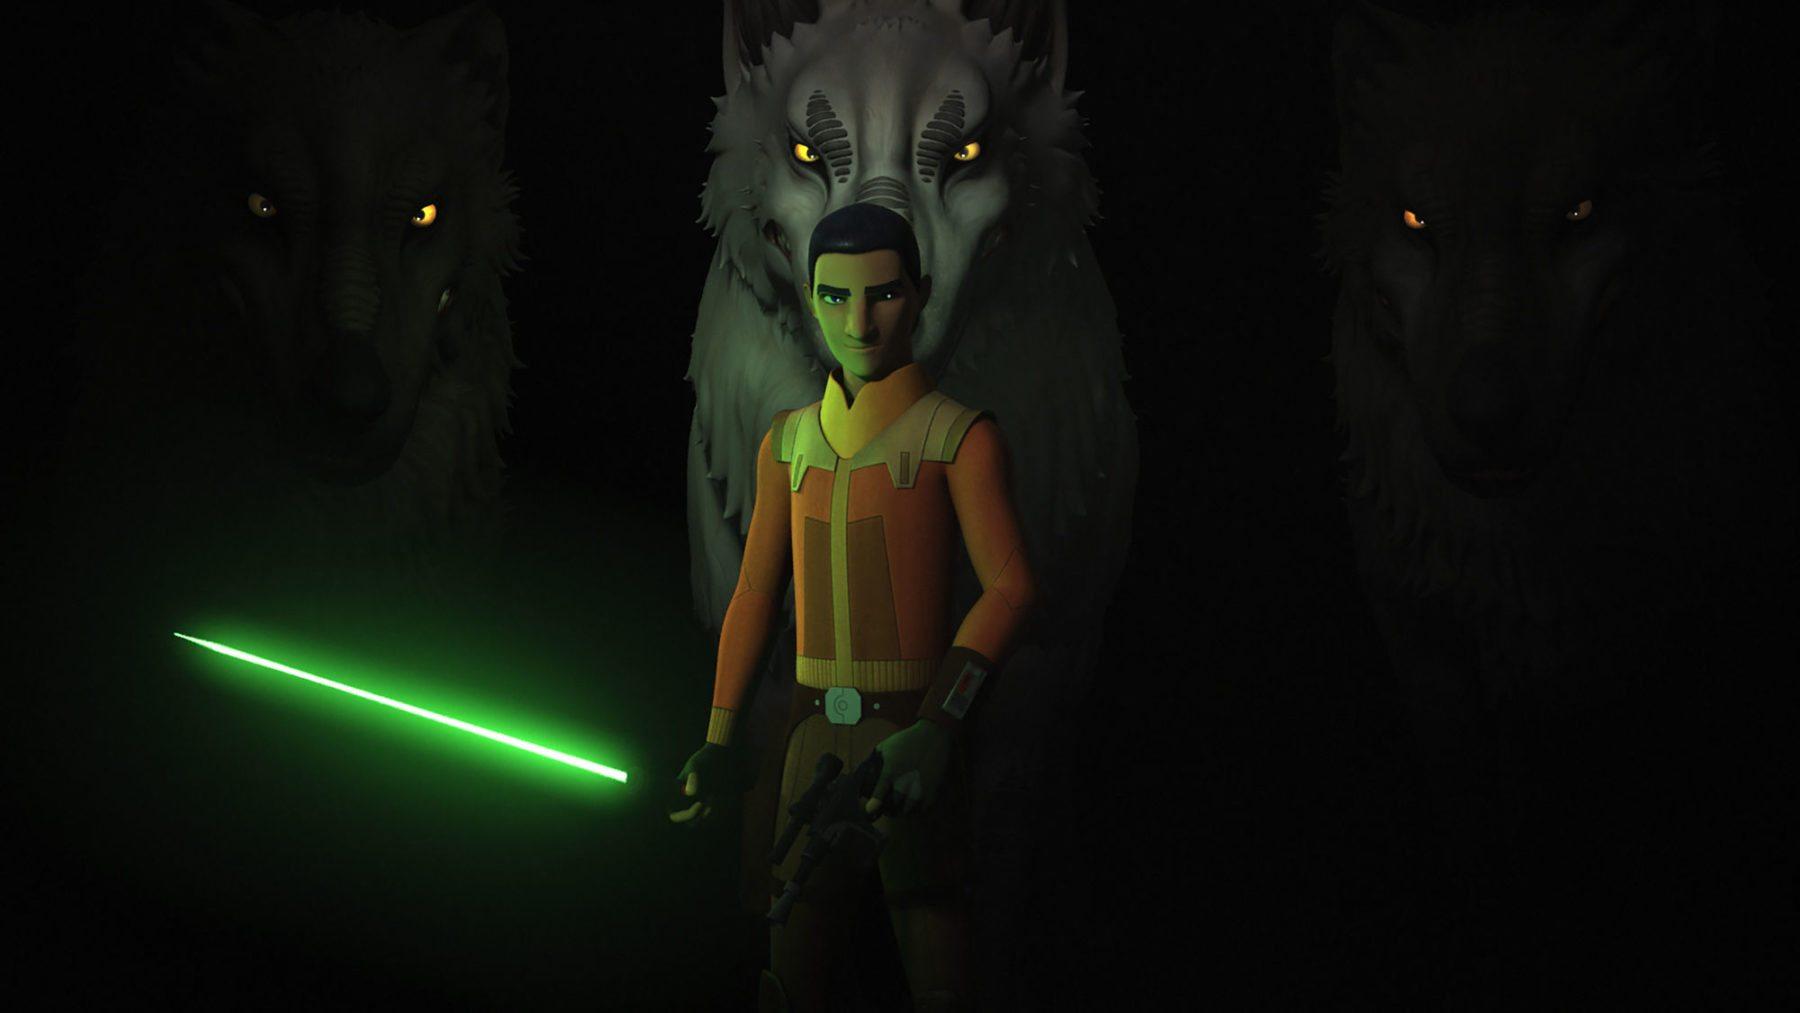 El actor de Star Wars Rebels tiene la esperanza del regreso de Ezra